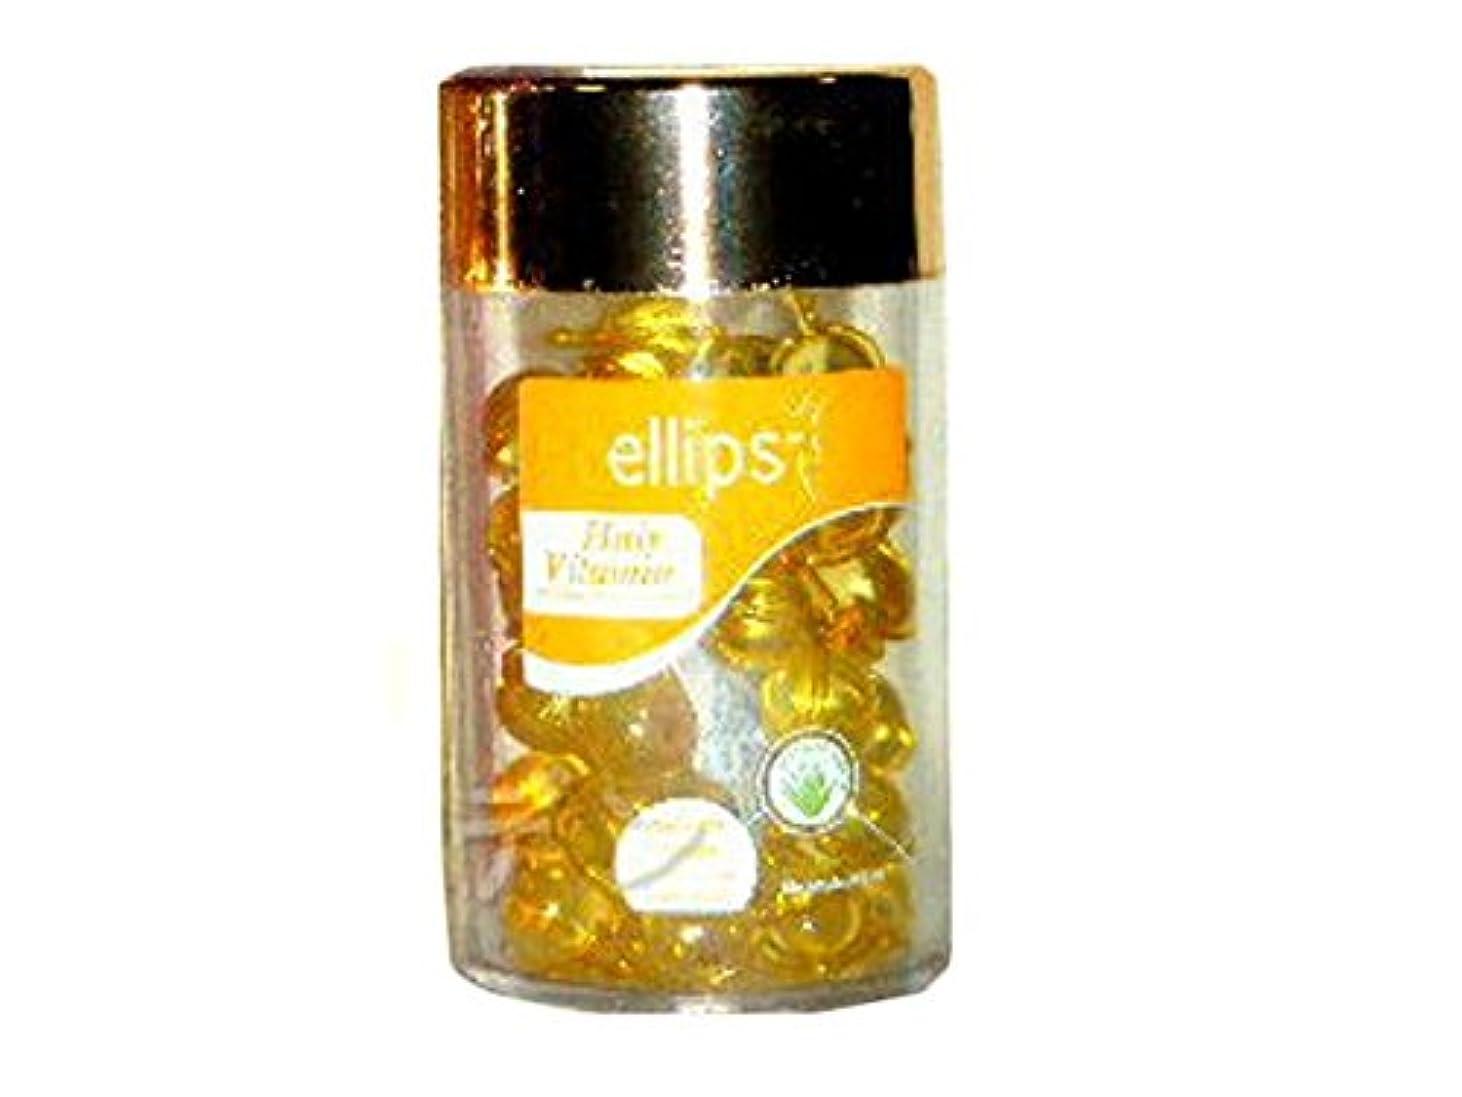 サイクル成功するピケEllips(エリプス)ヘアビタミン(50粒入) [並行輸入品][海外直送品] イエロー